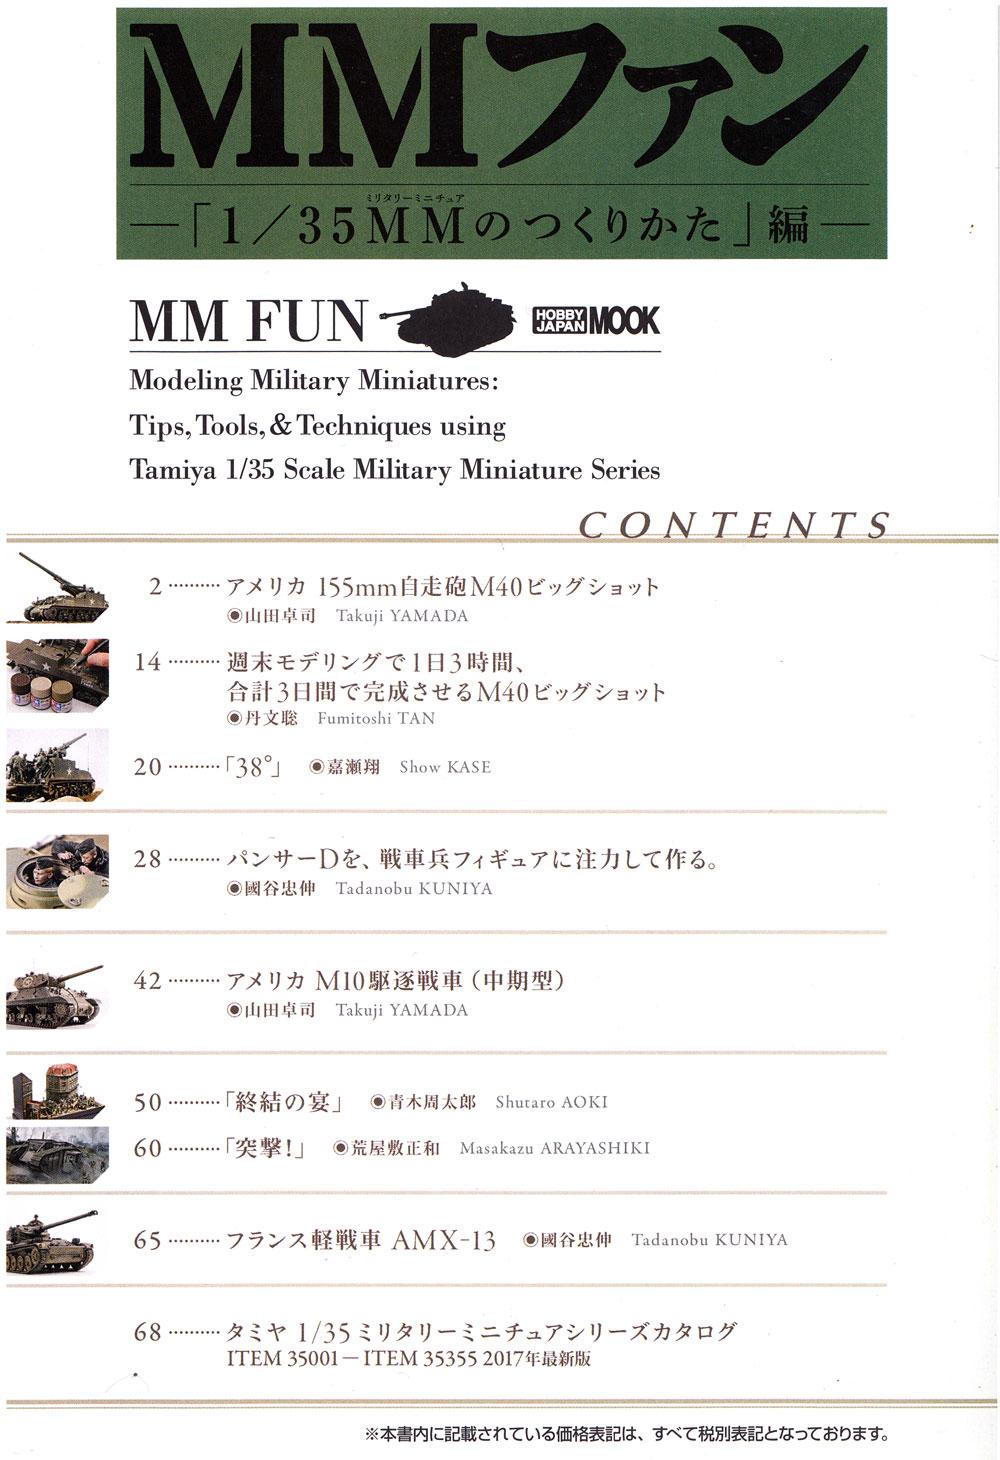 MMファン - 1/35 MM(ミリタリーミニチュア)のつくりかた編 -本(ホビージャパンHOBBY JAPAN MOOKNo.68148-85)商品画像_1